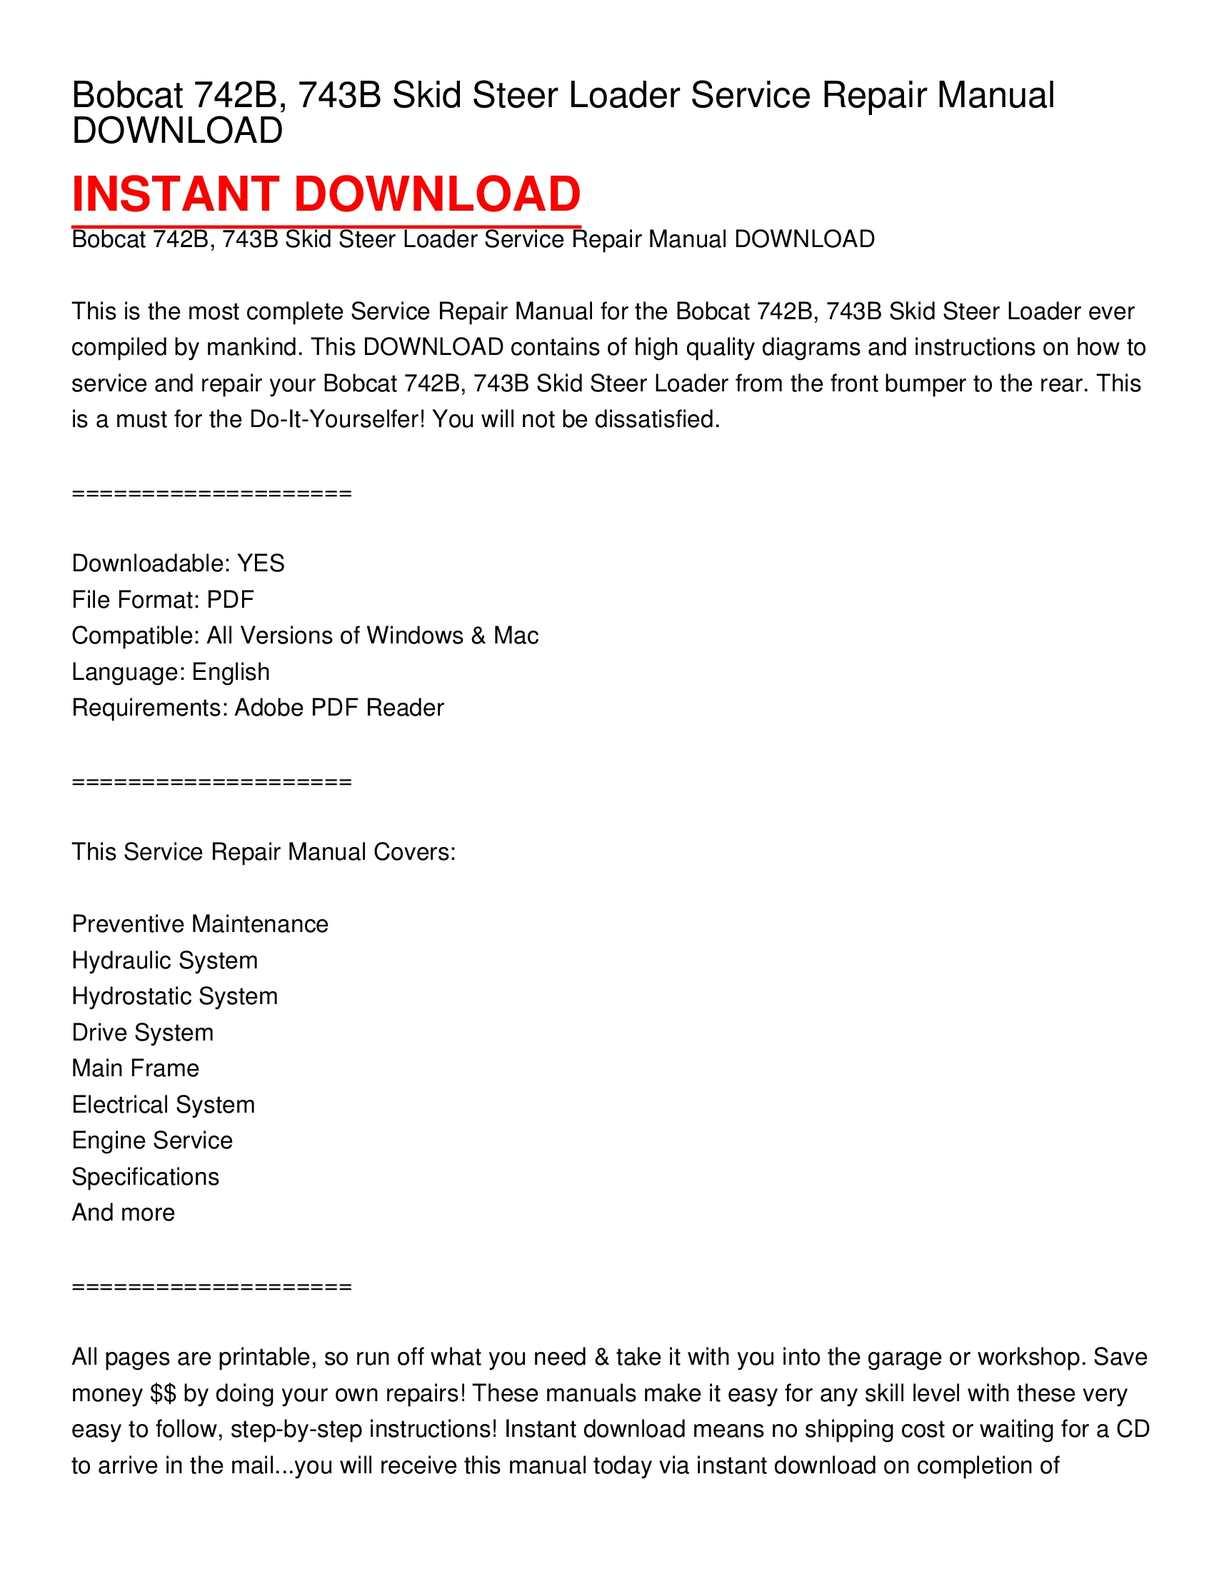 Calaméo - Bobcat 742B, 743B Skid Steer Loader Service Repair Manual DOWNLOAD